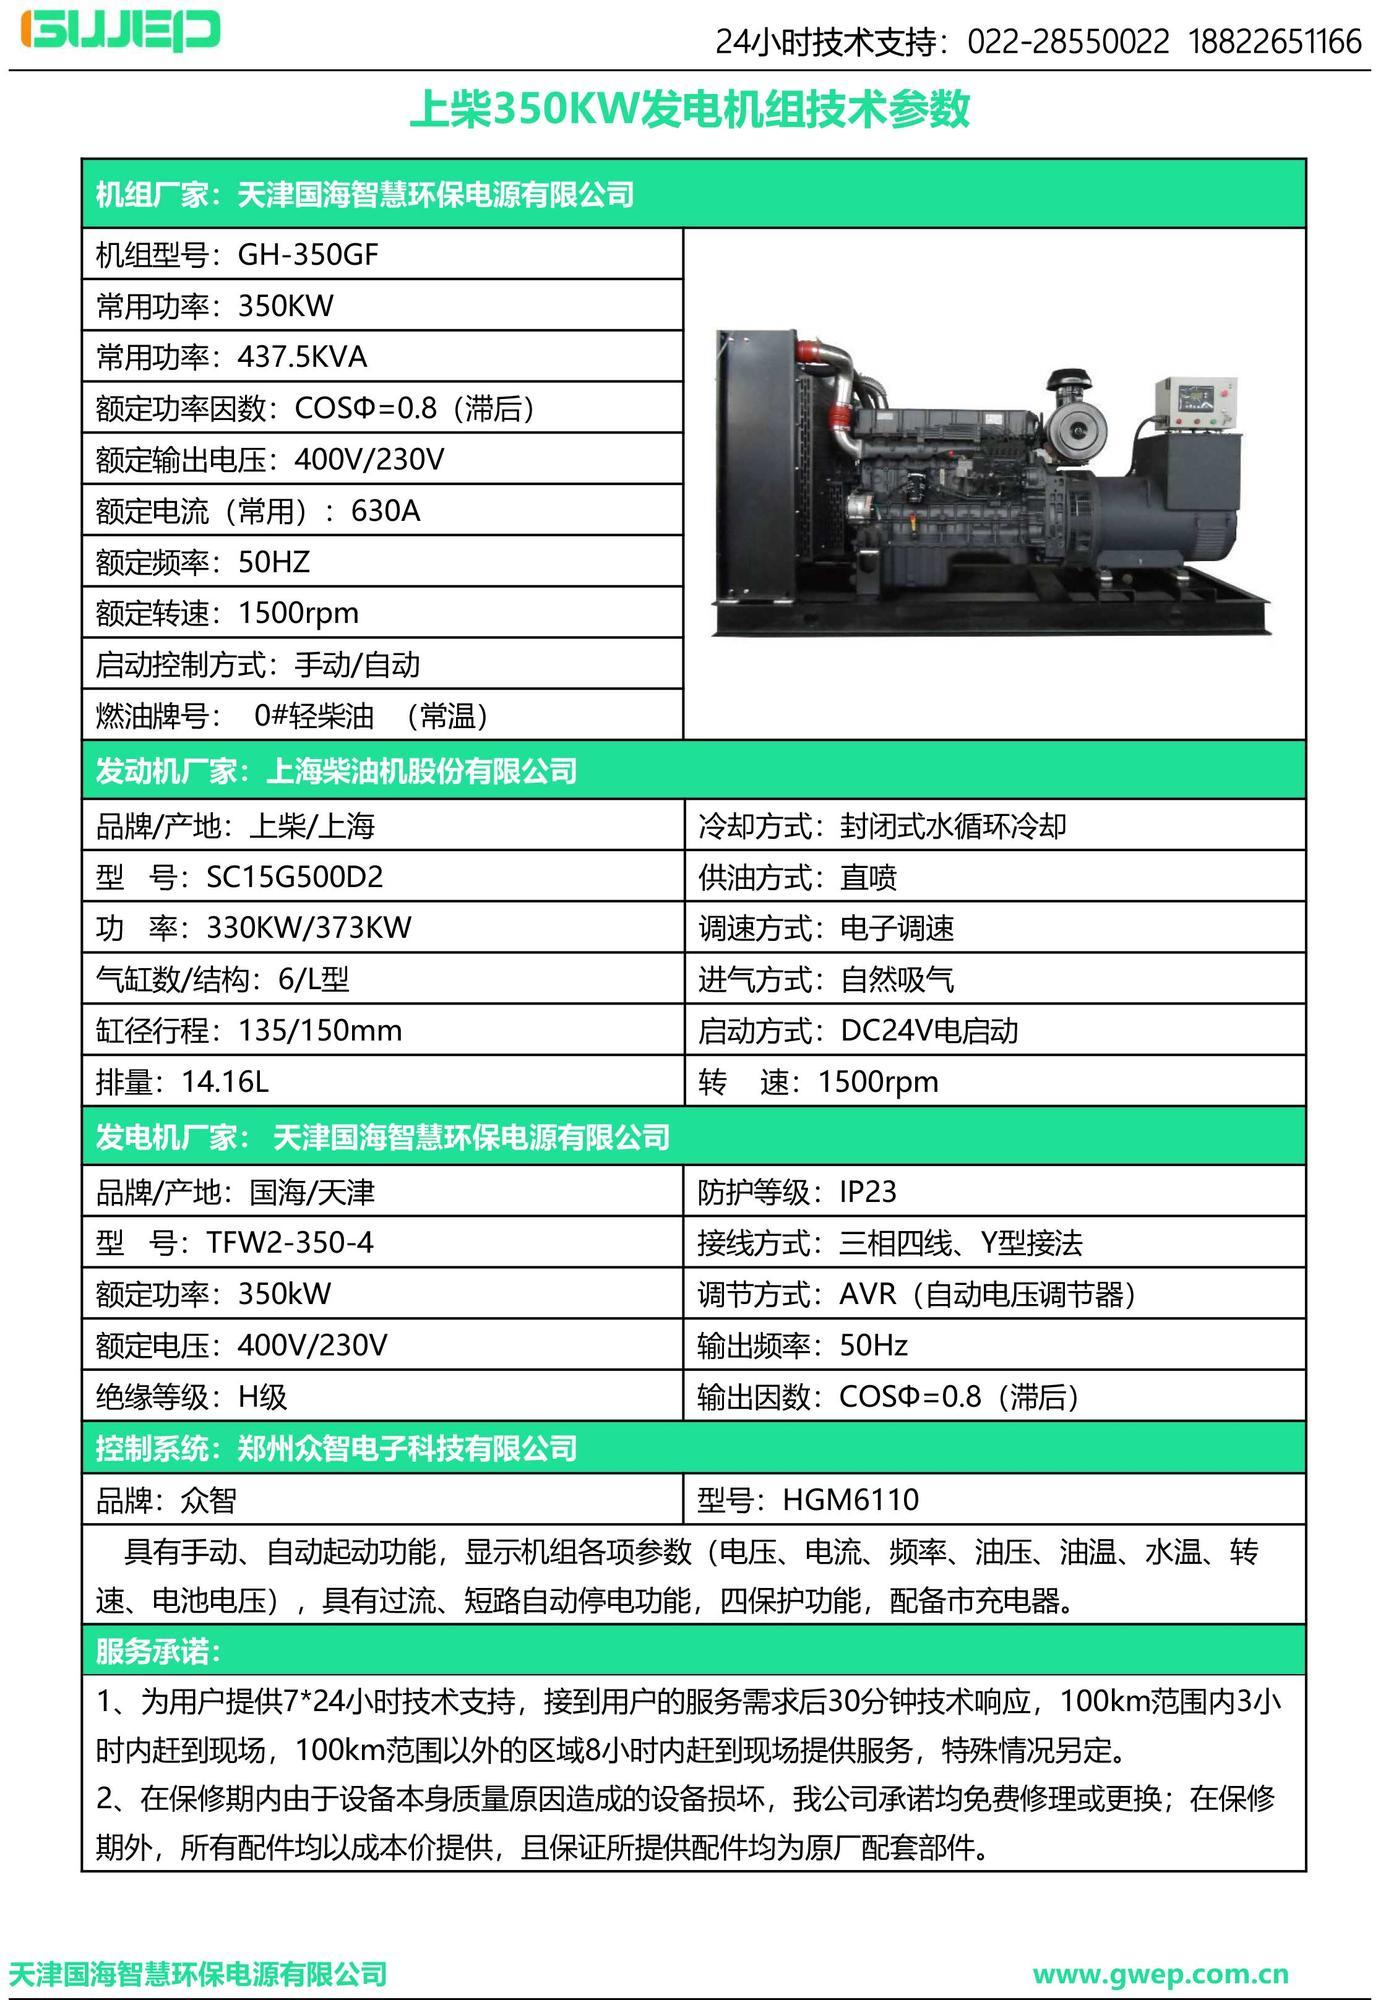 上柴350KW发电机组技术资料-2.jpg